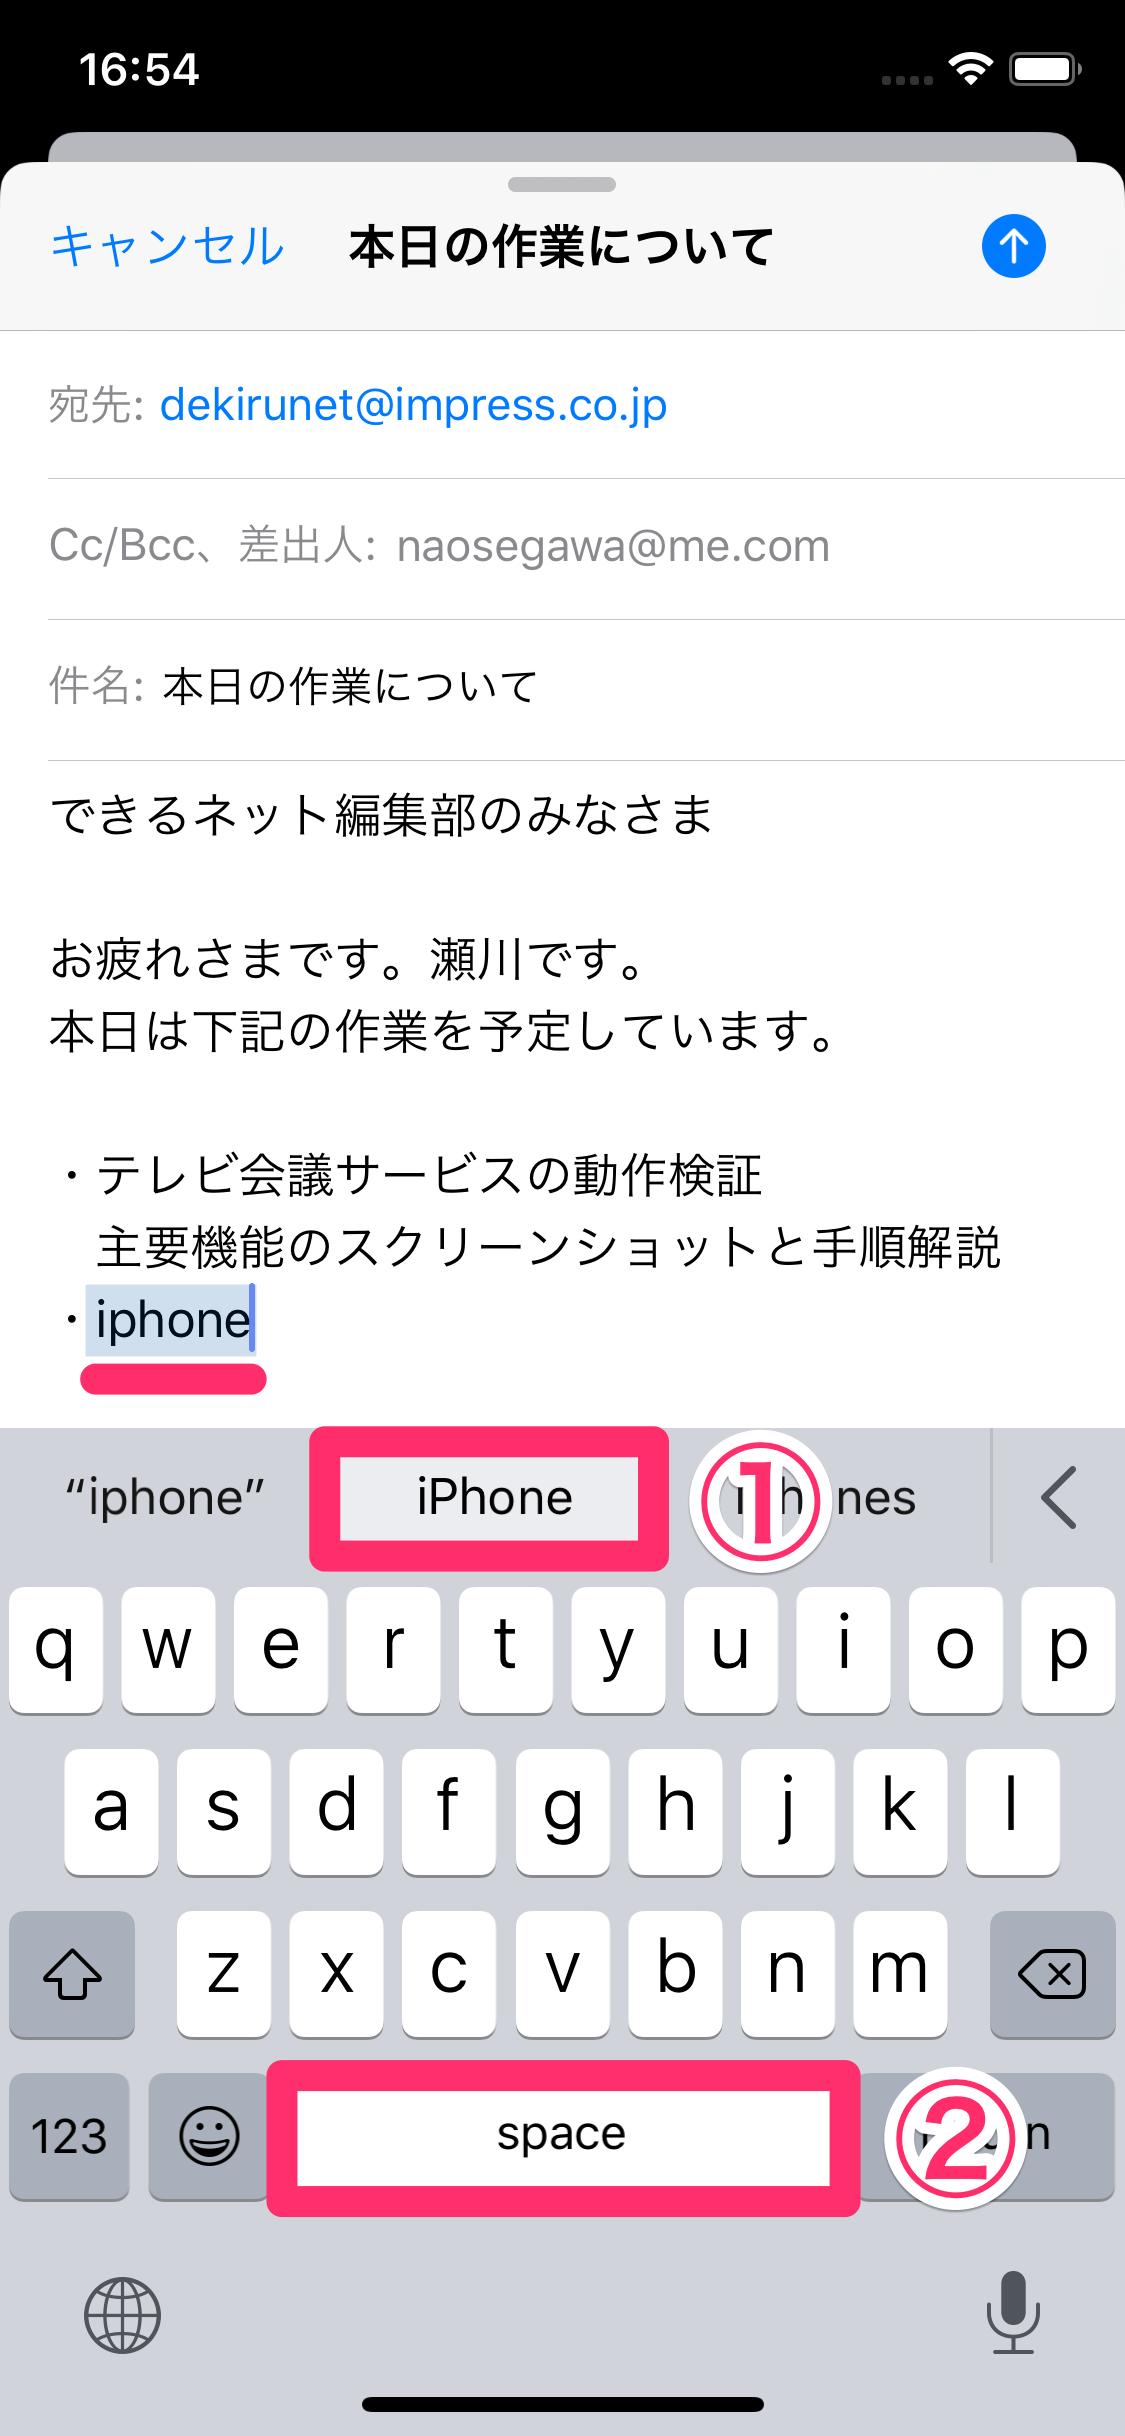 【iOS 13】気付いてた?「スマート全角スペース」でテキストの整形がラクに。常に半角に戻すことも可能